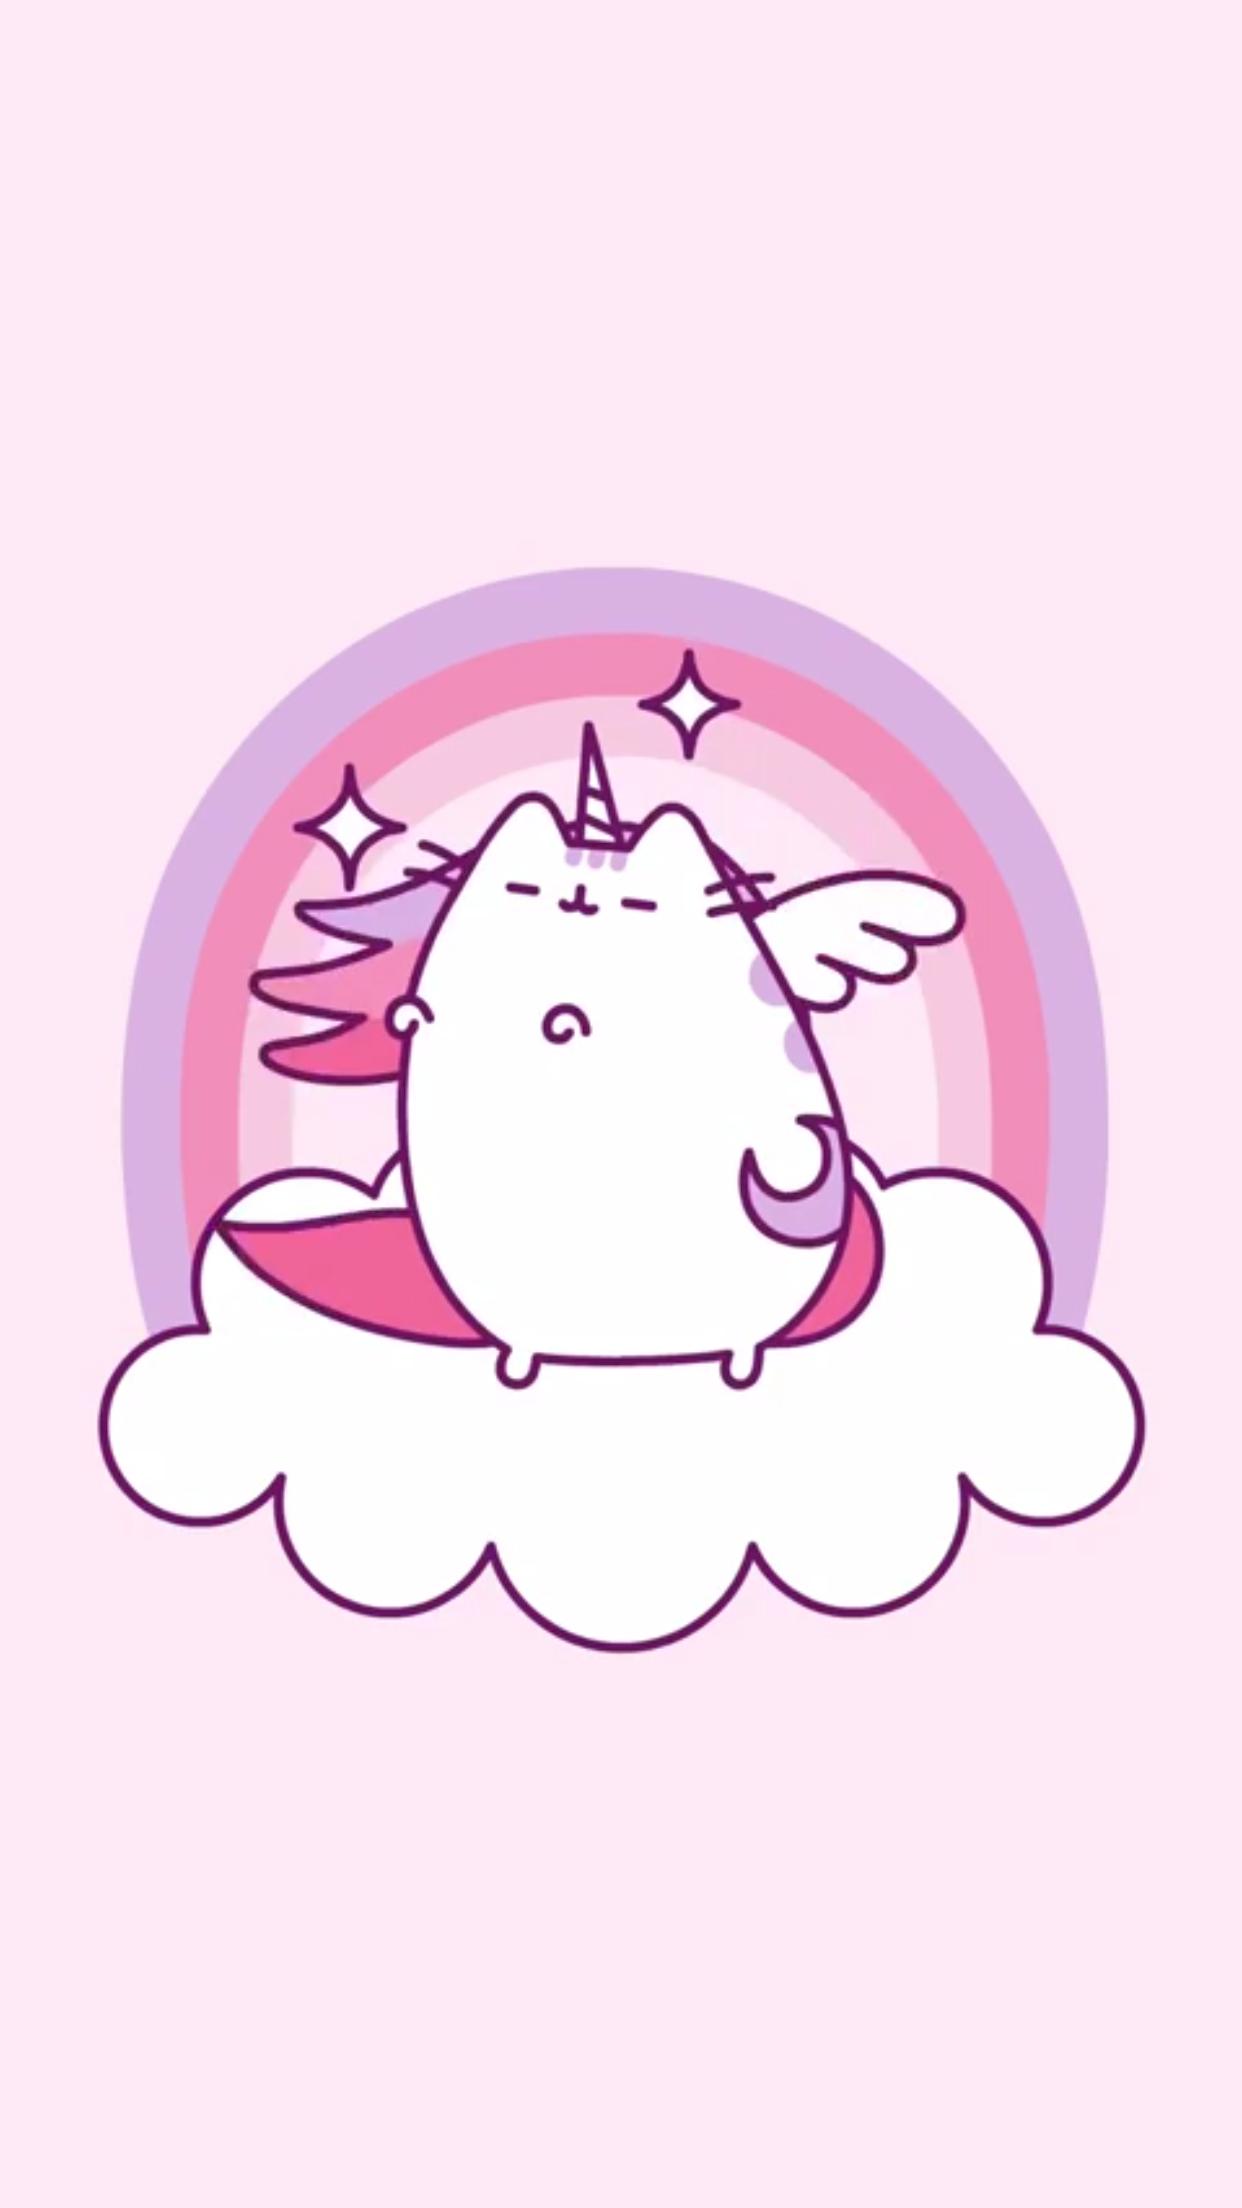 Epingle Par Mathilde Sur Unicorn Life Pinterest